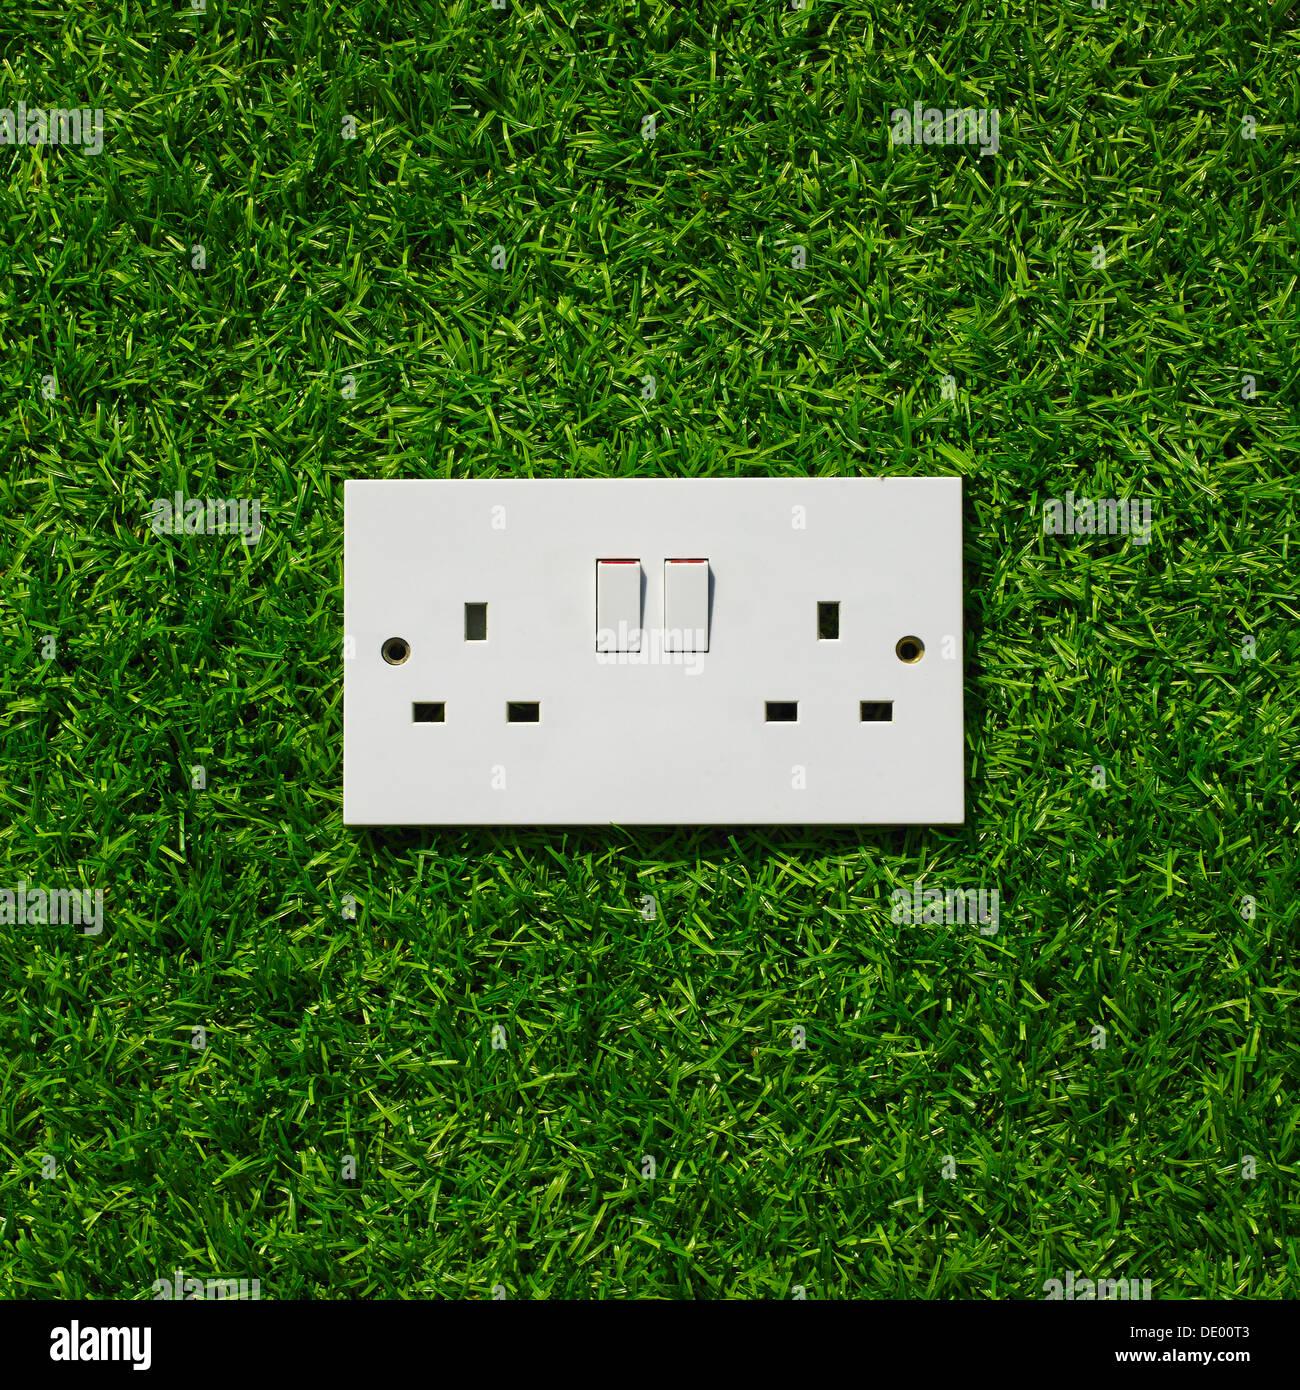 Elektrische Steckdose auf Grass Hintergrund. Stockbild